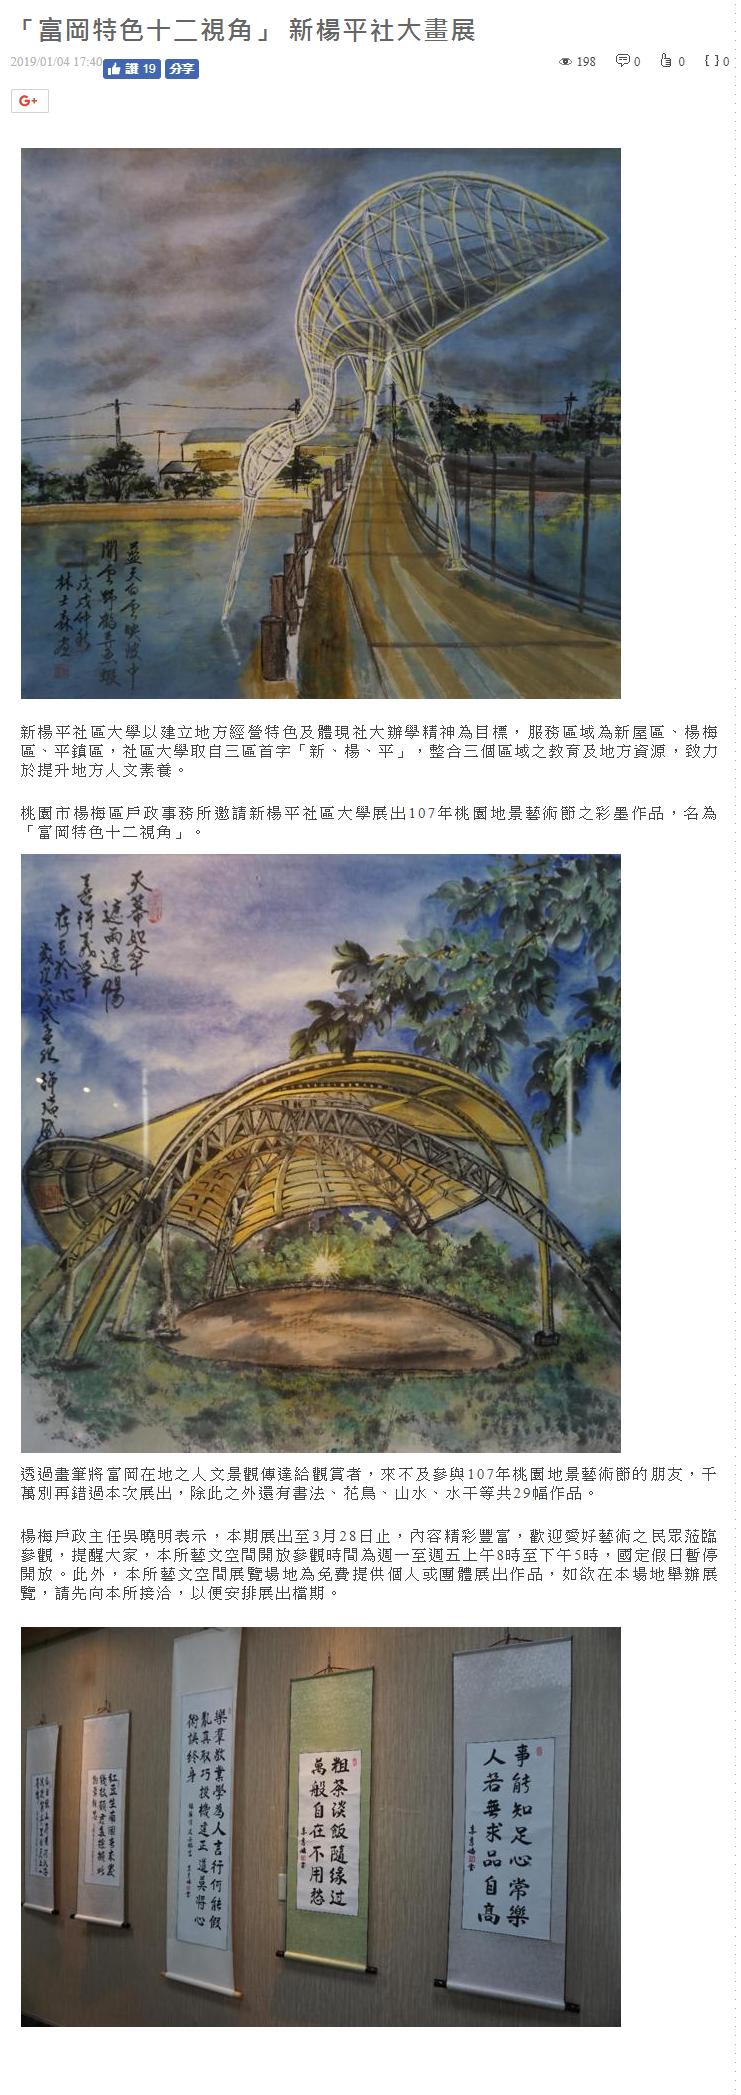 「富岡特色十二視角」 新楊平社大畫展